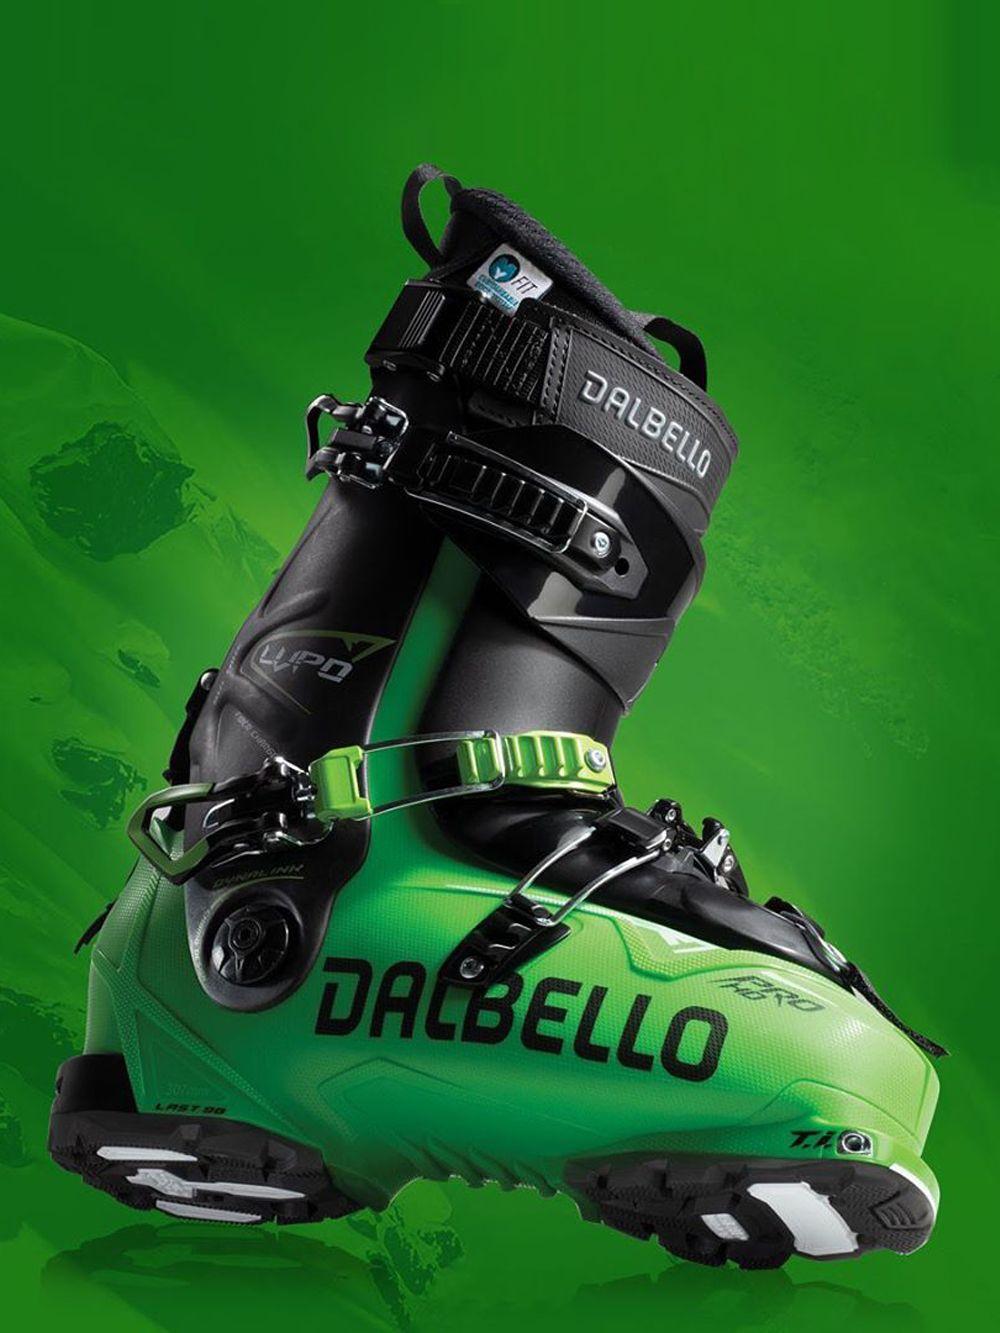 Dalbello_3